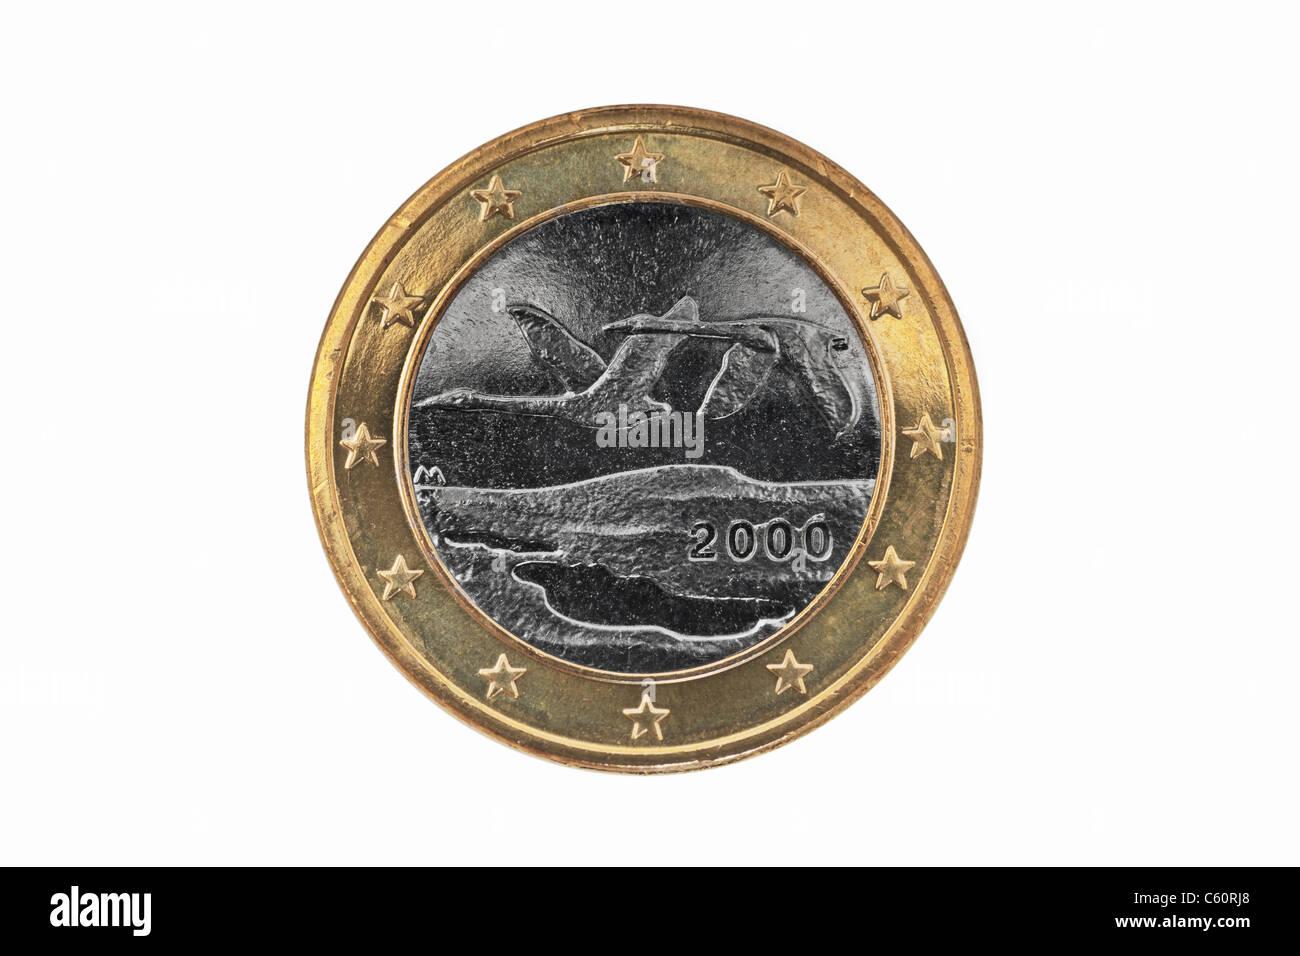 Coin Euro Finland Photos Coin Euro Finland Images Alamy